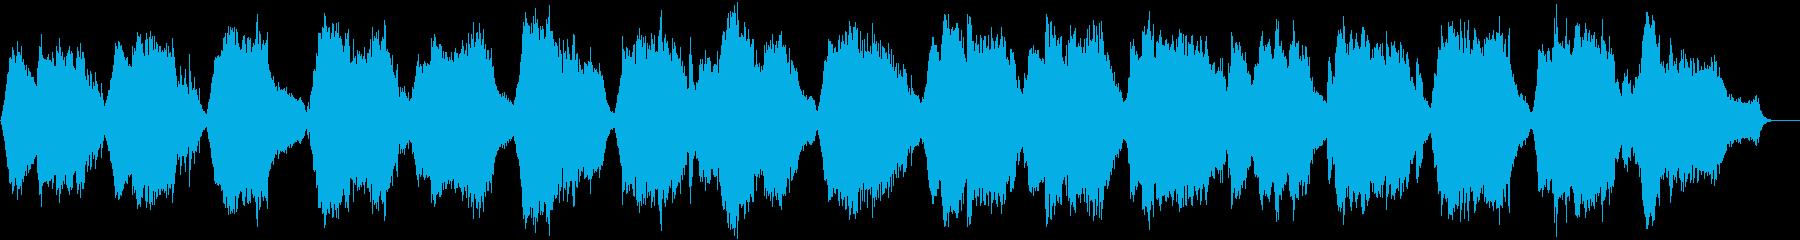 静かな目覚めの音楽の再生済みの波形